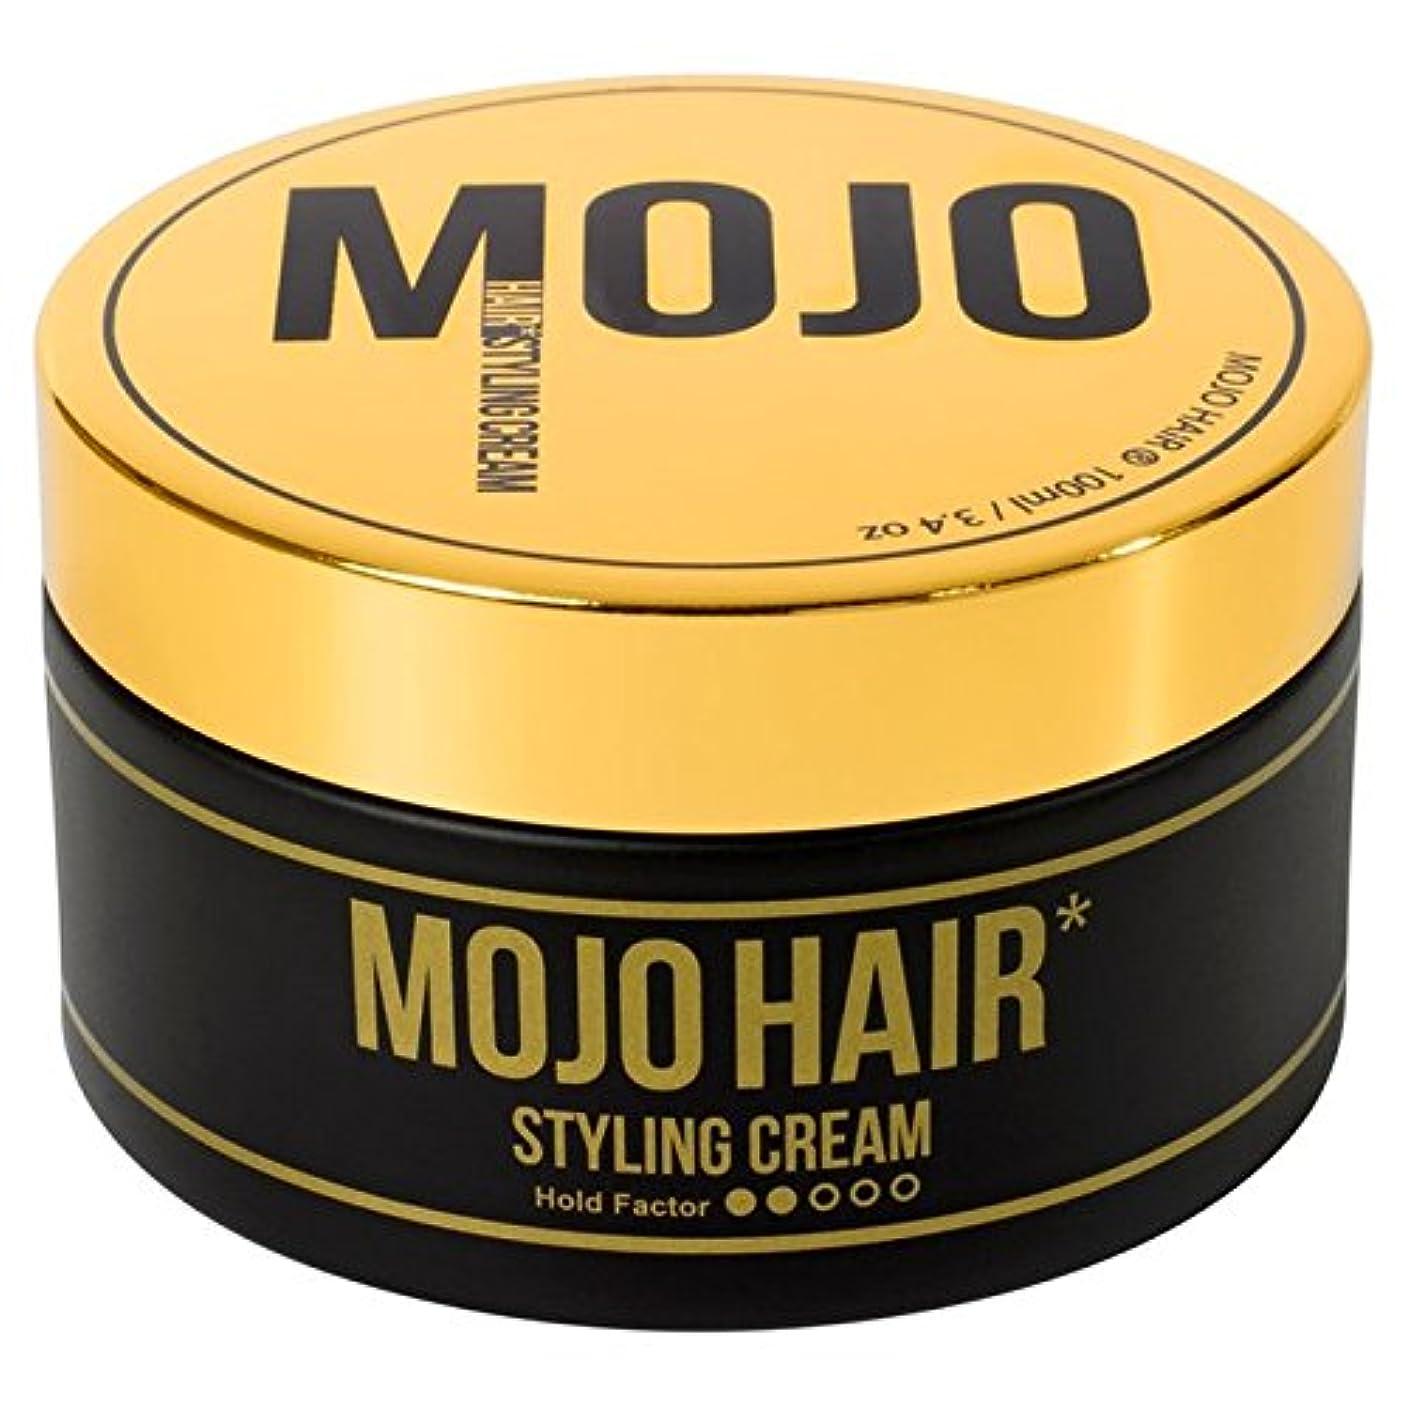 申請中間ペチュランス100ミリリットル男性のためのモジョのヘアスタイリングクリーム x4 - MOJO HAIR Styling Cream for Men 100ml (Pack of 4) [並行輸入品]